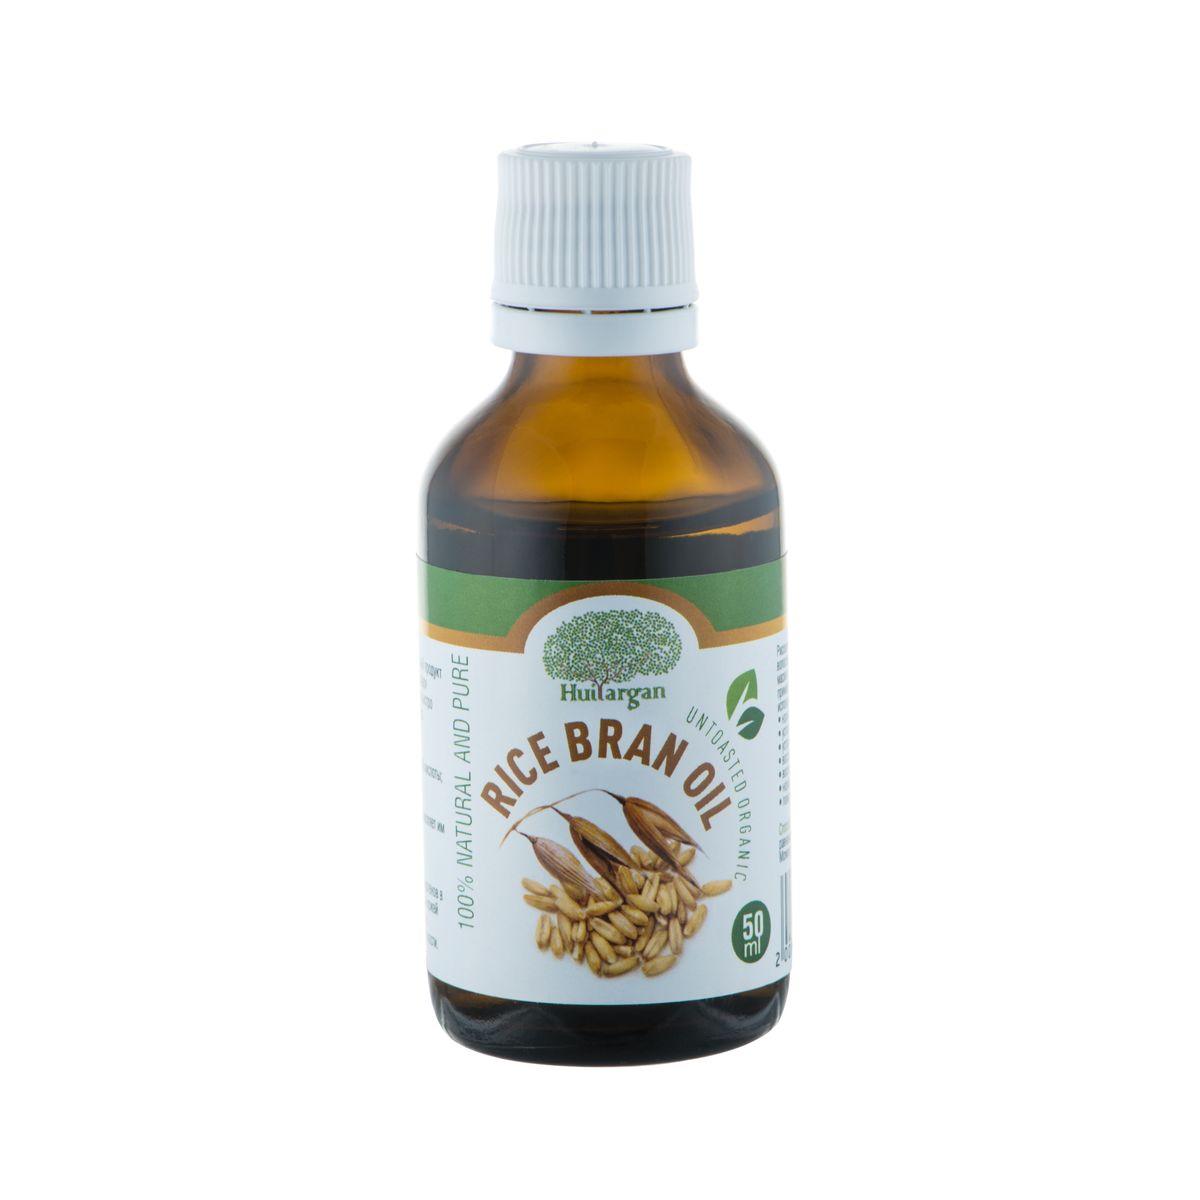 Huilargan Масло рисовых отрубей, 100% натуральное, 50 мл2000000009148Масло рисовых отрубей (Rice bran oil ) - уникальный продукт рекомендован для сухой и увядающей кожи. Благодаря глубокому проникновению в кожу, рисовое масло быстро впитывается и попадает в нижние слои эпидермиса. Оно проявляет следующие действия: - провоцирует выработку эластина и гиалуроновой кислоты; - насыщает клетки витаминами; - увлажняет кожу и препятствует потере влаги; - разглаживает уже имеющиеся морщины и не позволяет им закладываться в будущем; - обновляет кожный покров; - выравнивает рельеф, улучшает цвет лица. Благодаря мягкому воздействию и отсутствию аллергенов в составе, продукт используется для ухода за нежной кожей вокруг глаз. Масло питает кожу век, подтягивает ее, разглаживает мелкие морщины и препятствует отечности. Рисовое масло способствует активизации замерших волосяных луковиц и укреплению корней волос. Массаж и маски с маслом рисовых отрубей уже через 10 дней применения покажут видимые результаты. Кроме того, его использования...